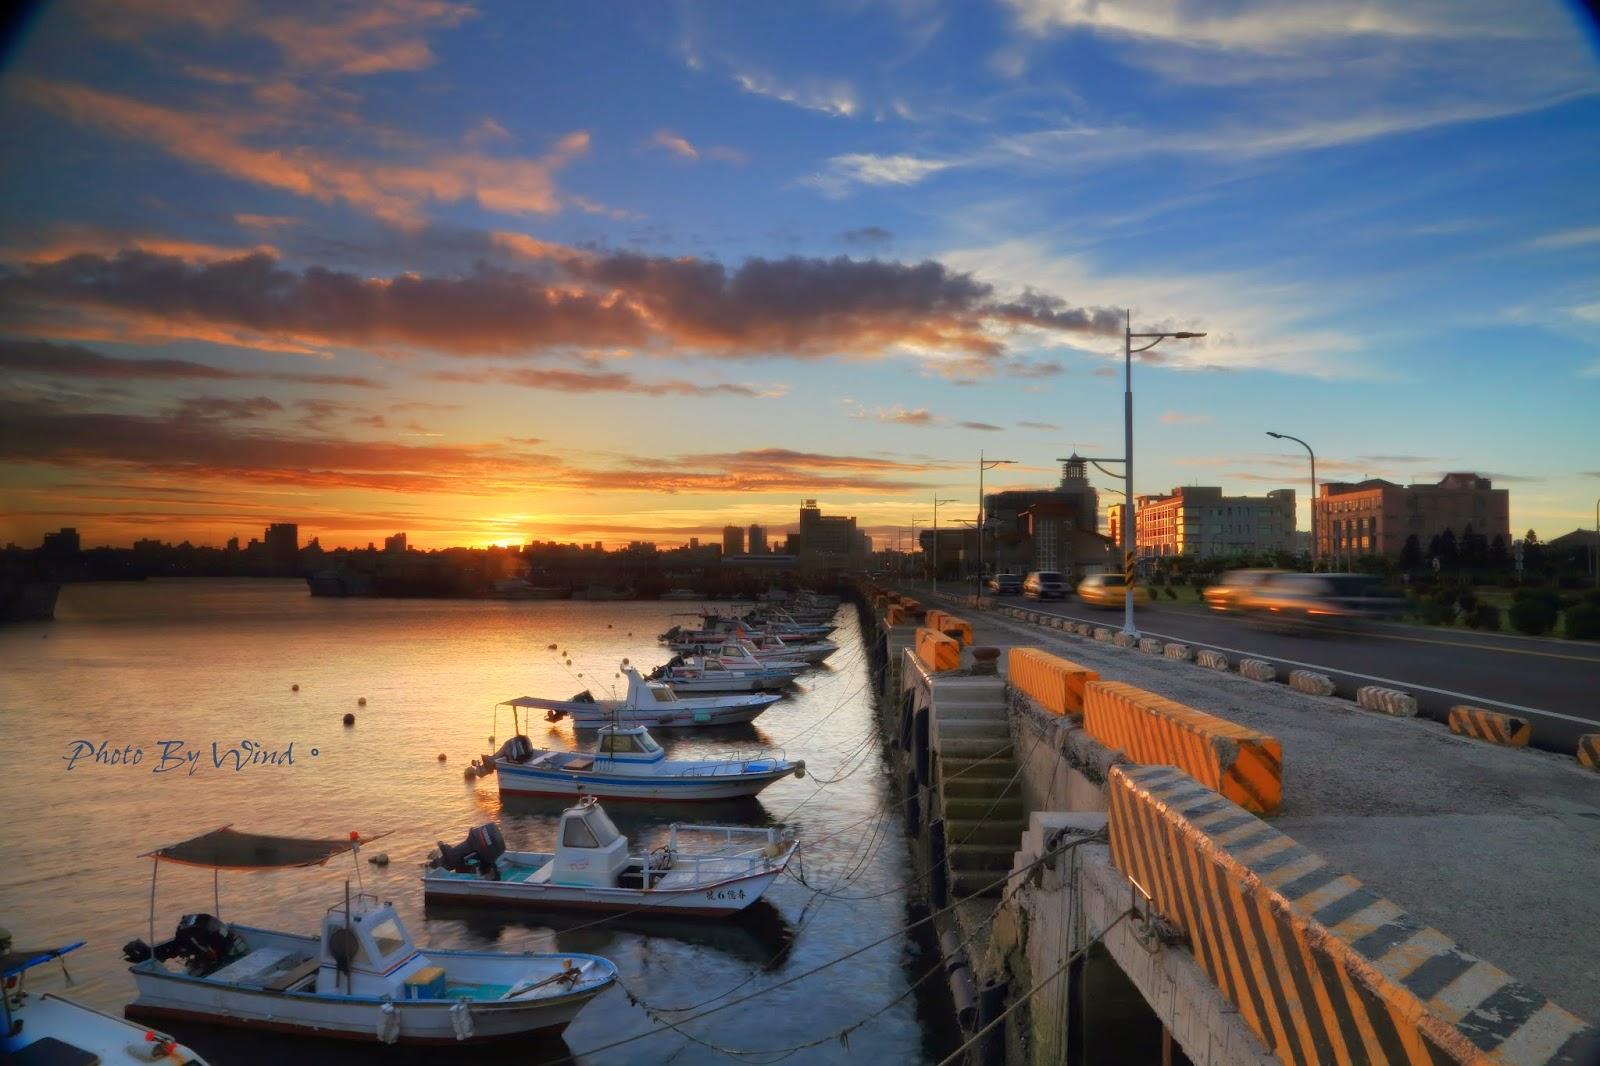 觀光休閒資源調查 ( 102班 ) 觀光景點: 20140425 澎湖 第三漁港 (黃晧堃)